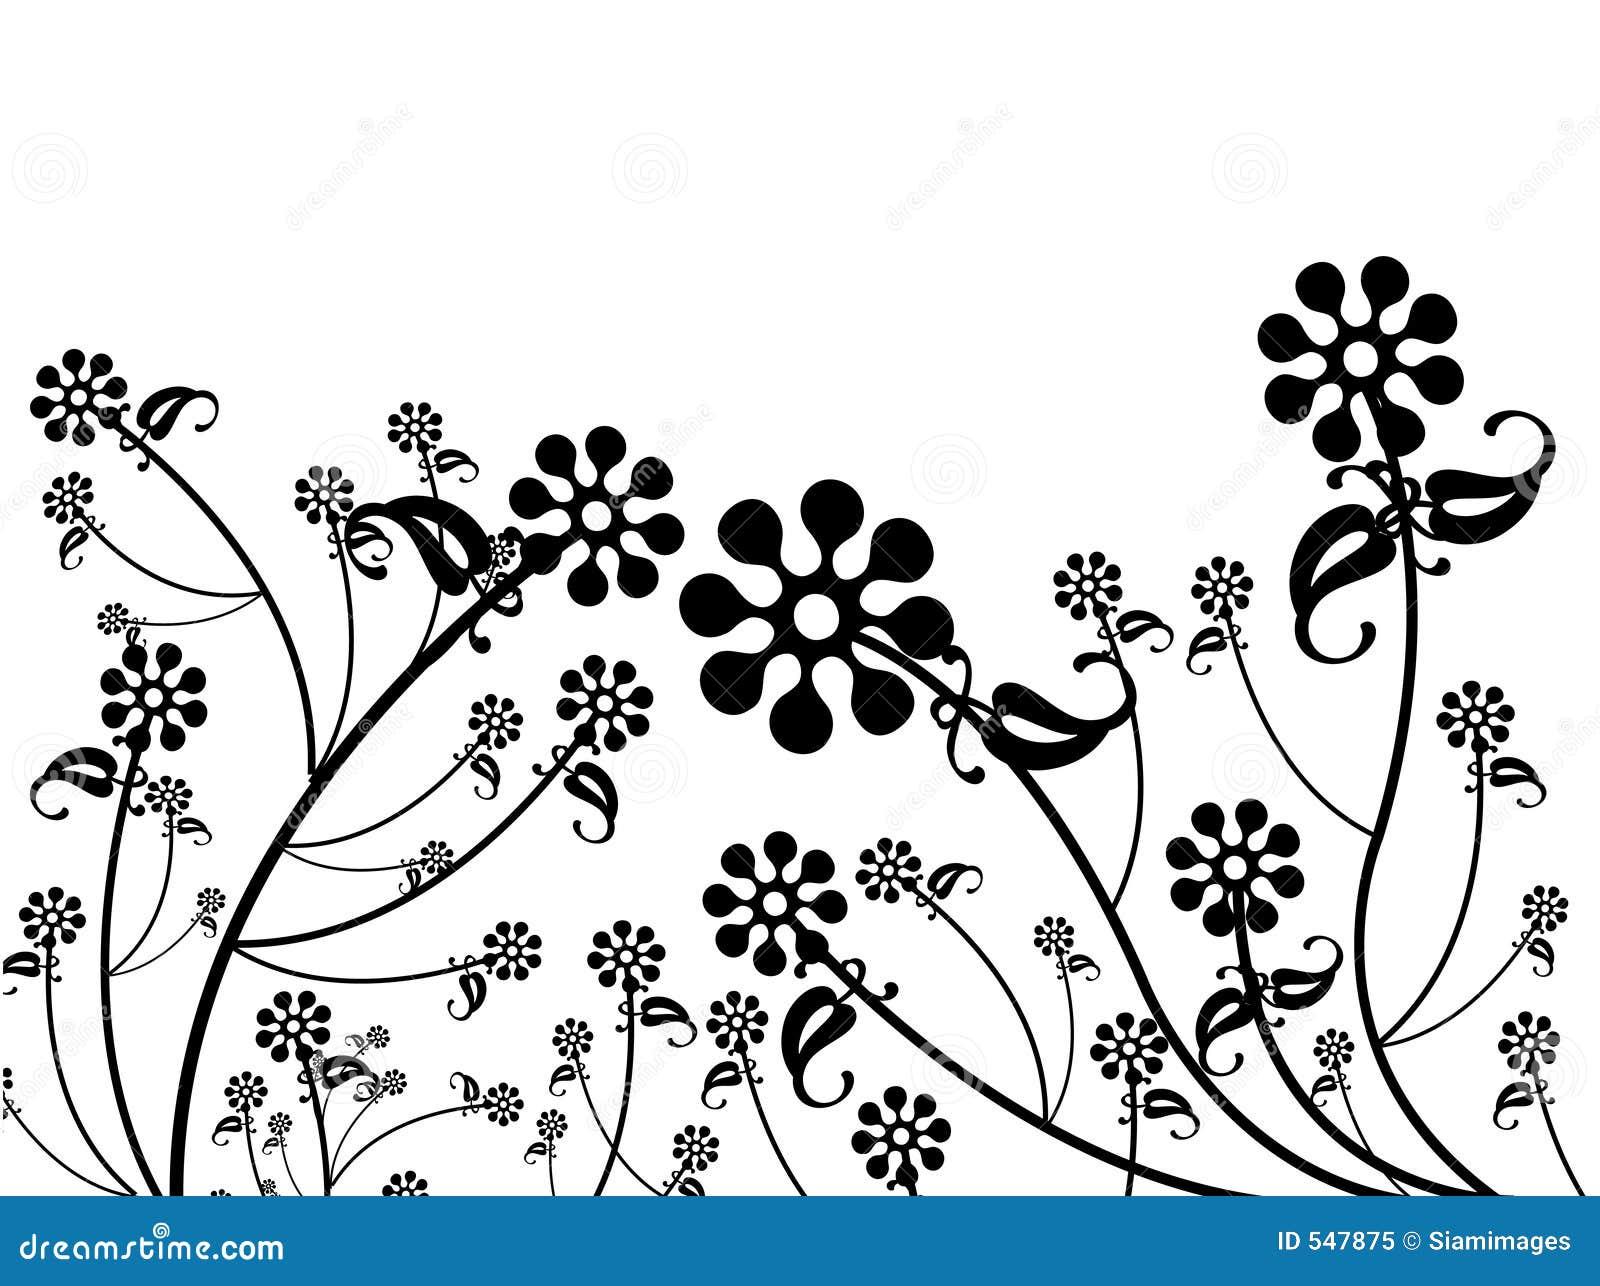 Kwiat projektu schematu